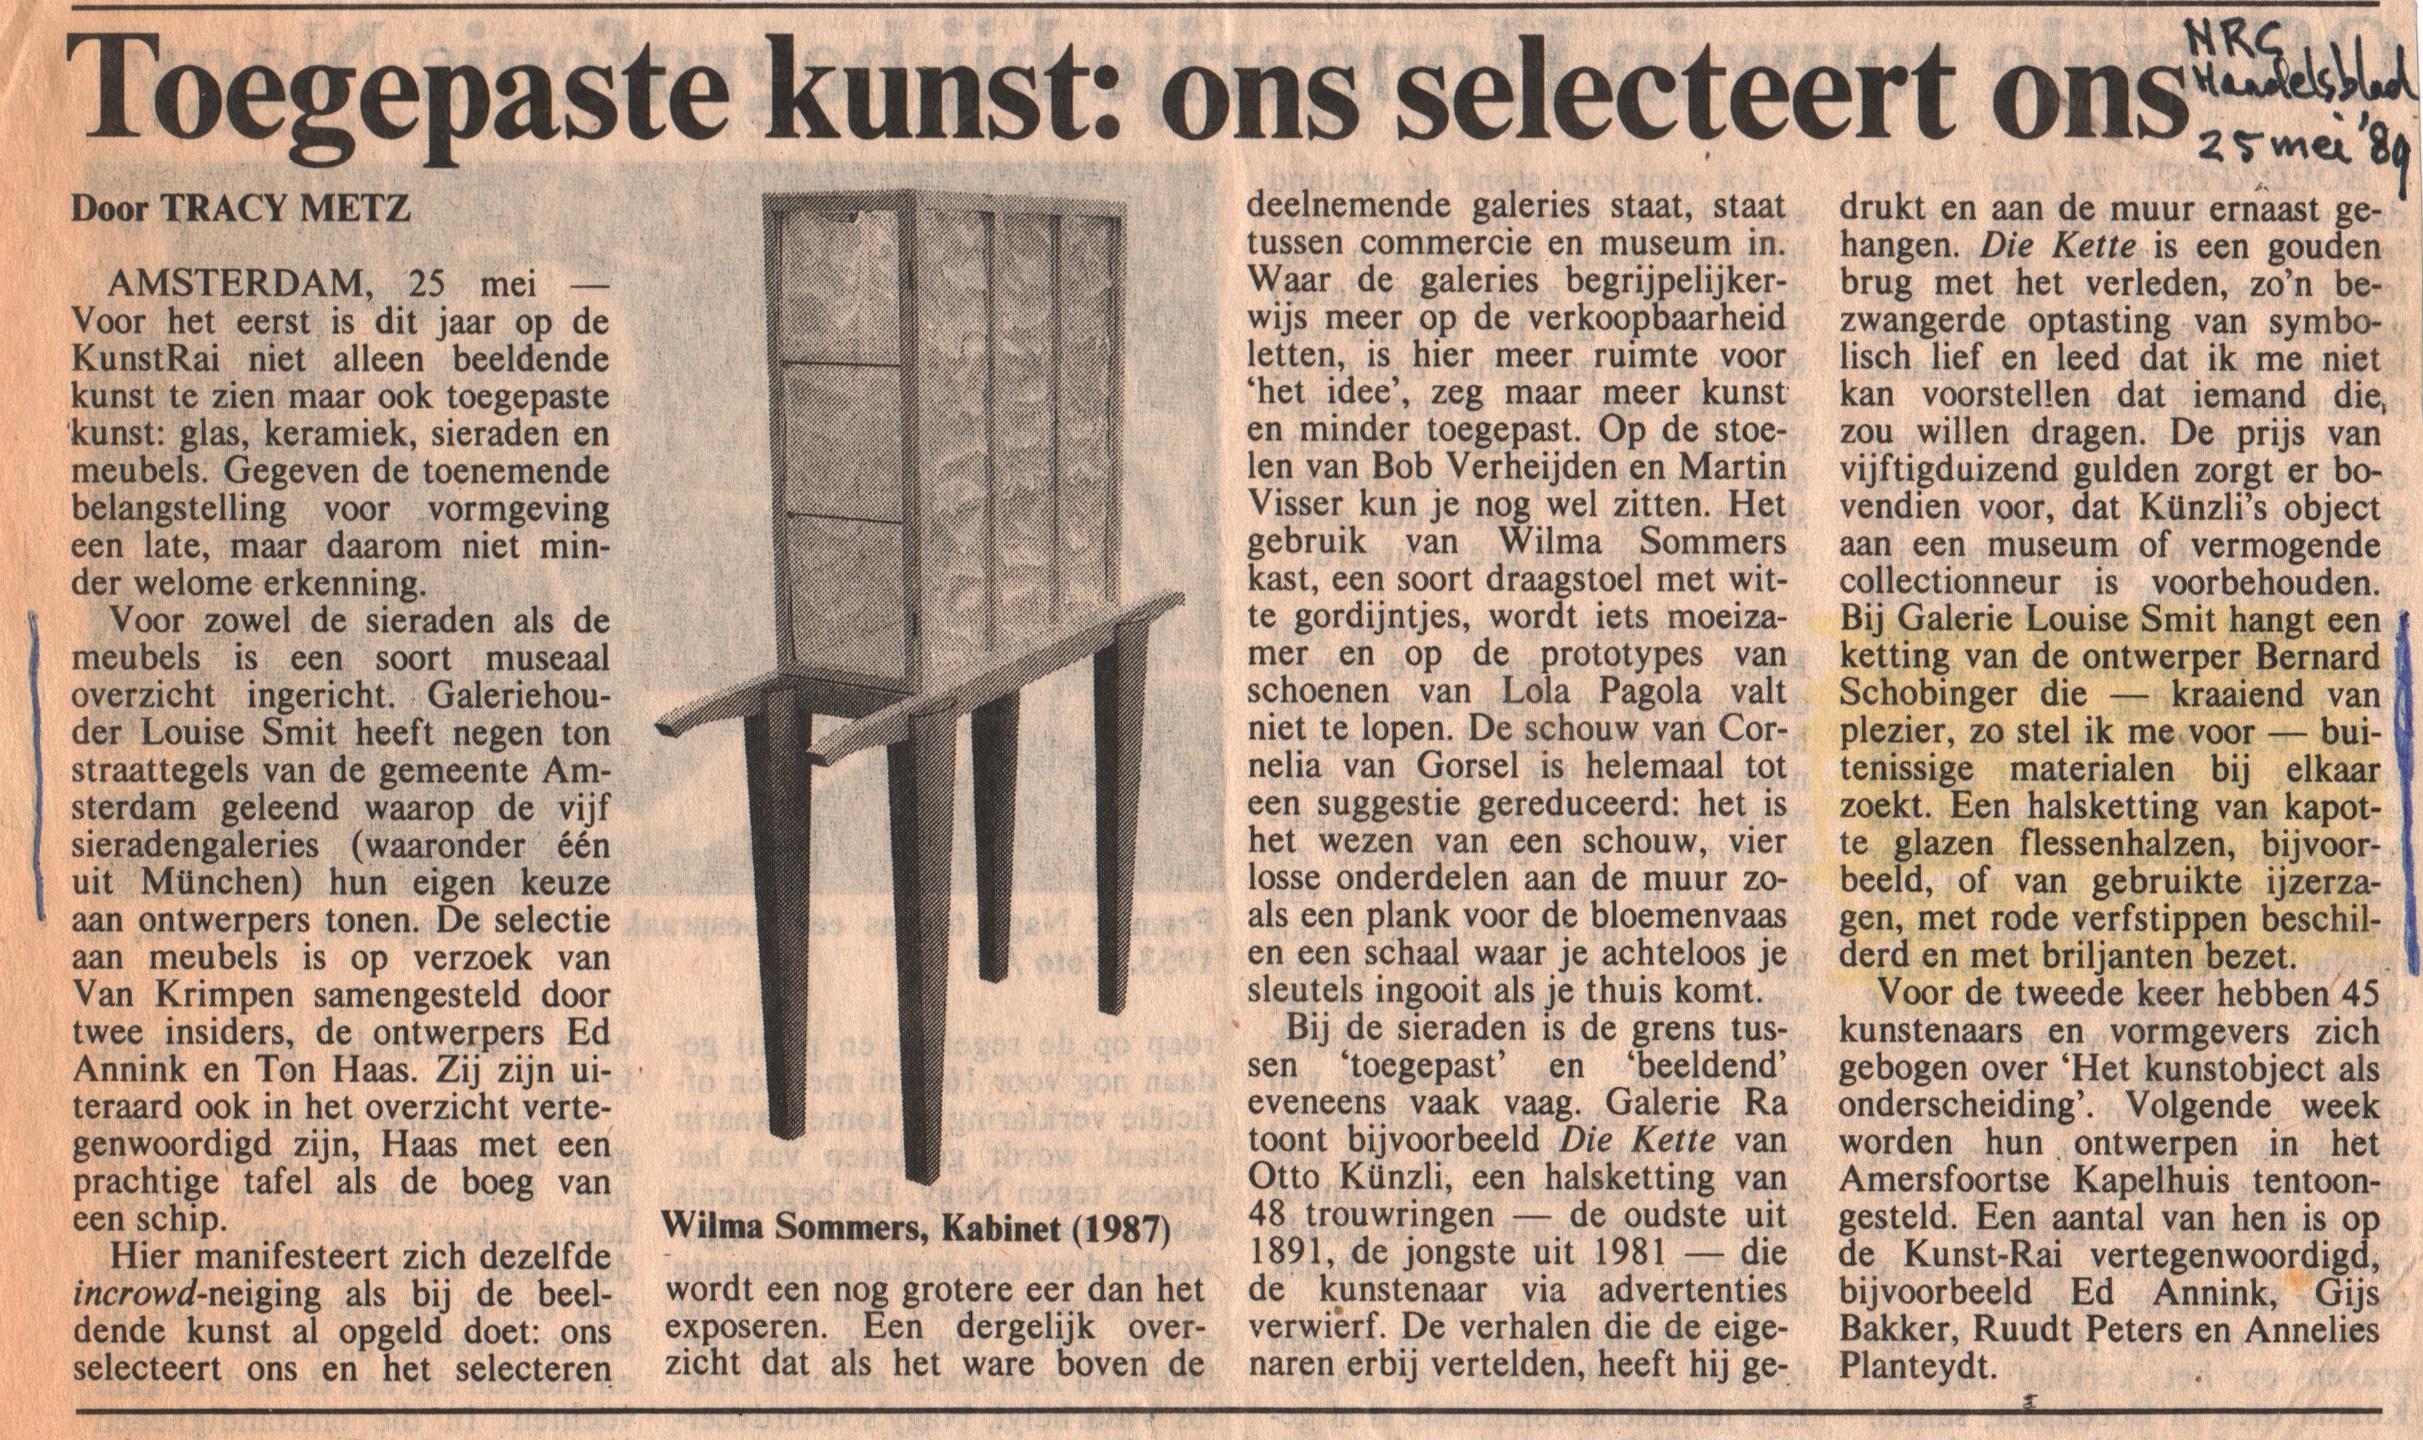 Tracy Metz, recensie KunstRAI, NRC, 25 mei 1989